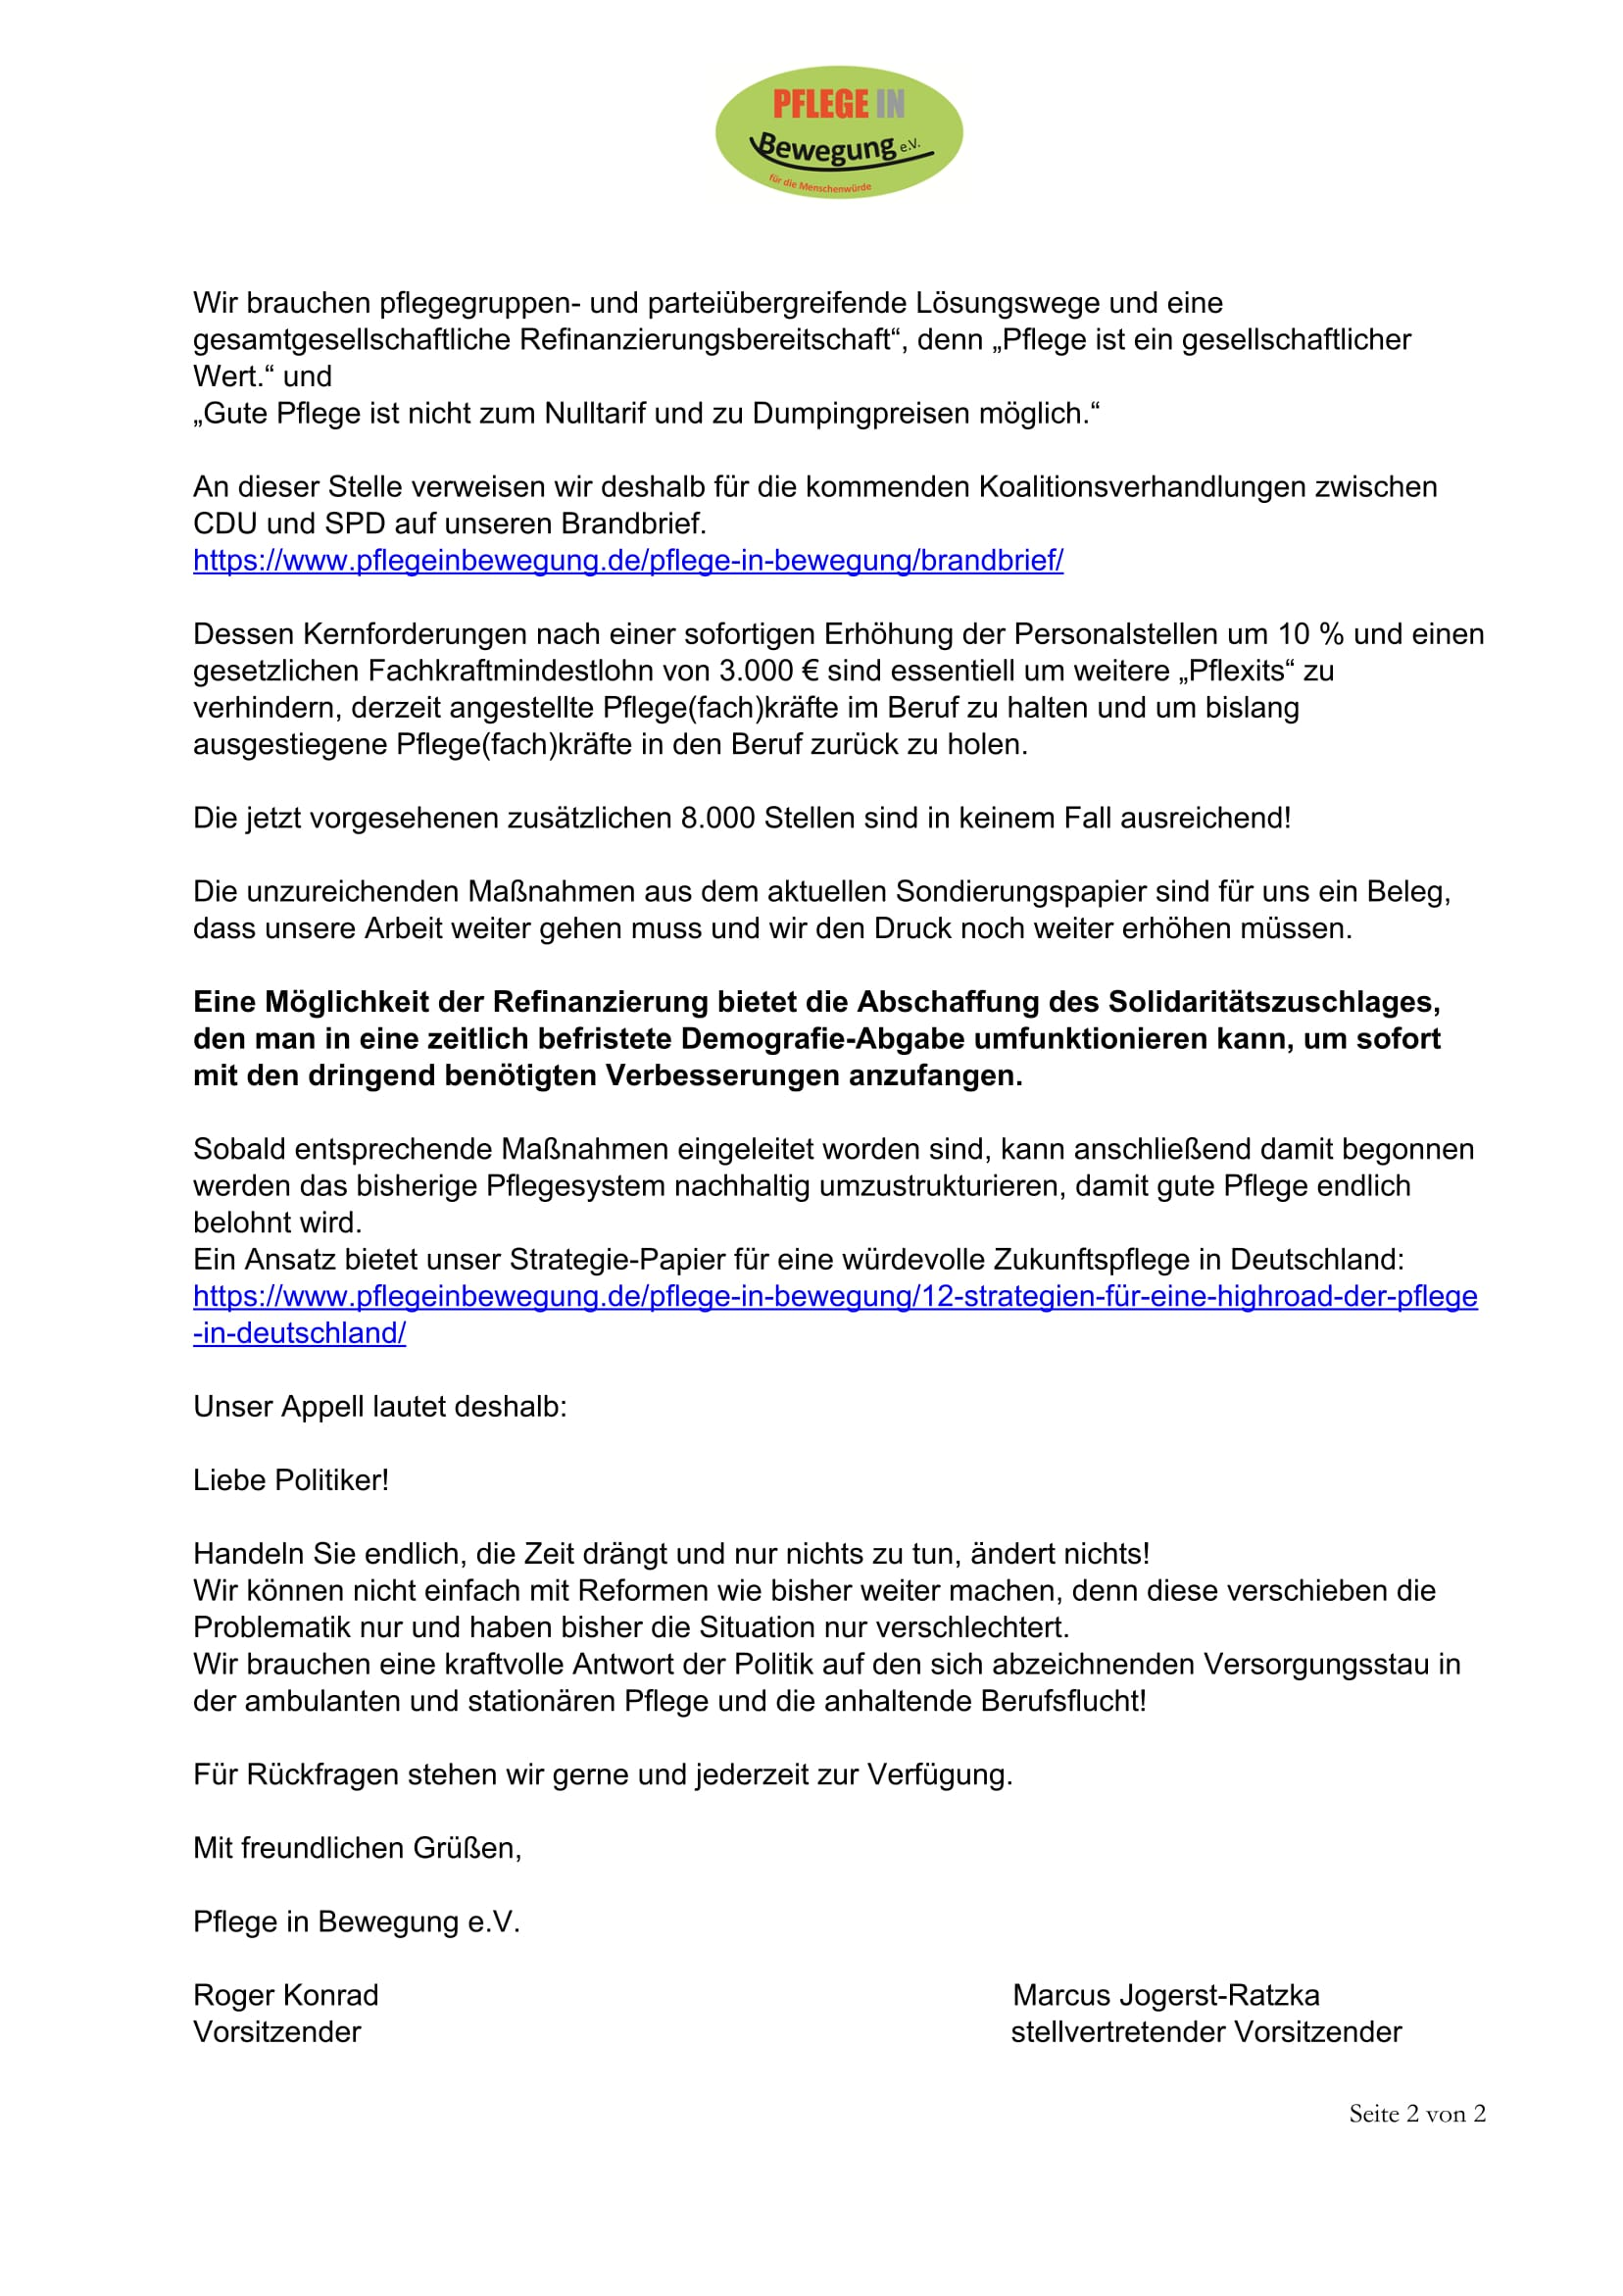 Neuer Brief Reaktion auf Text Deutscher Pflegerat (1)-2